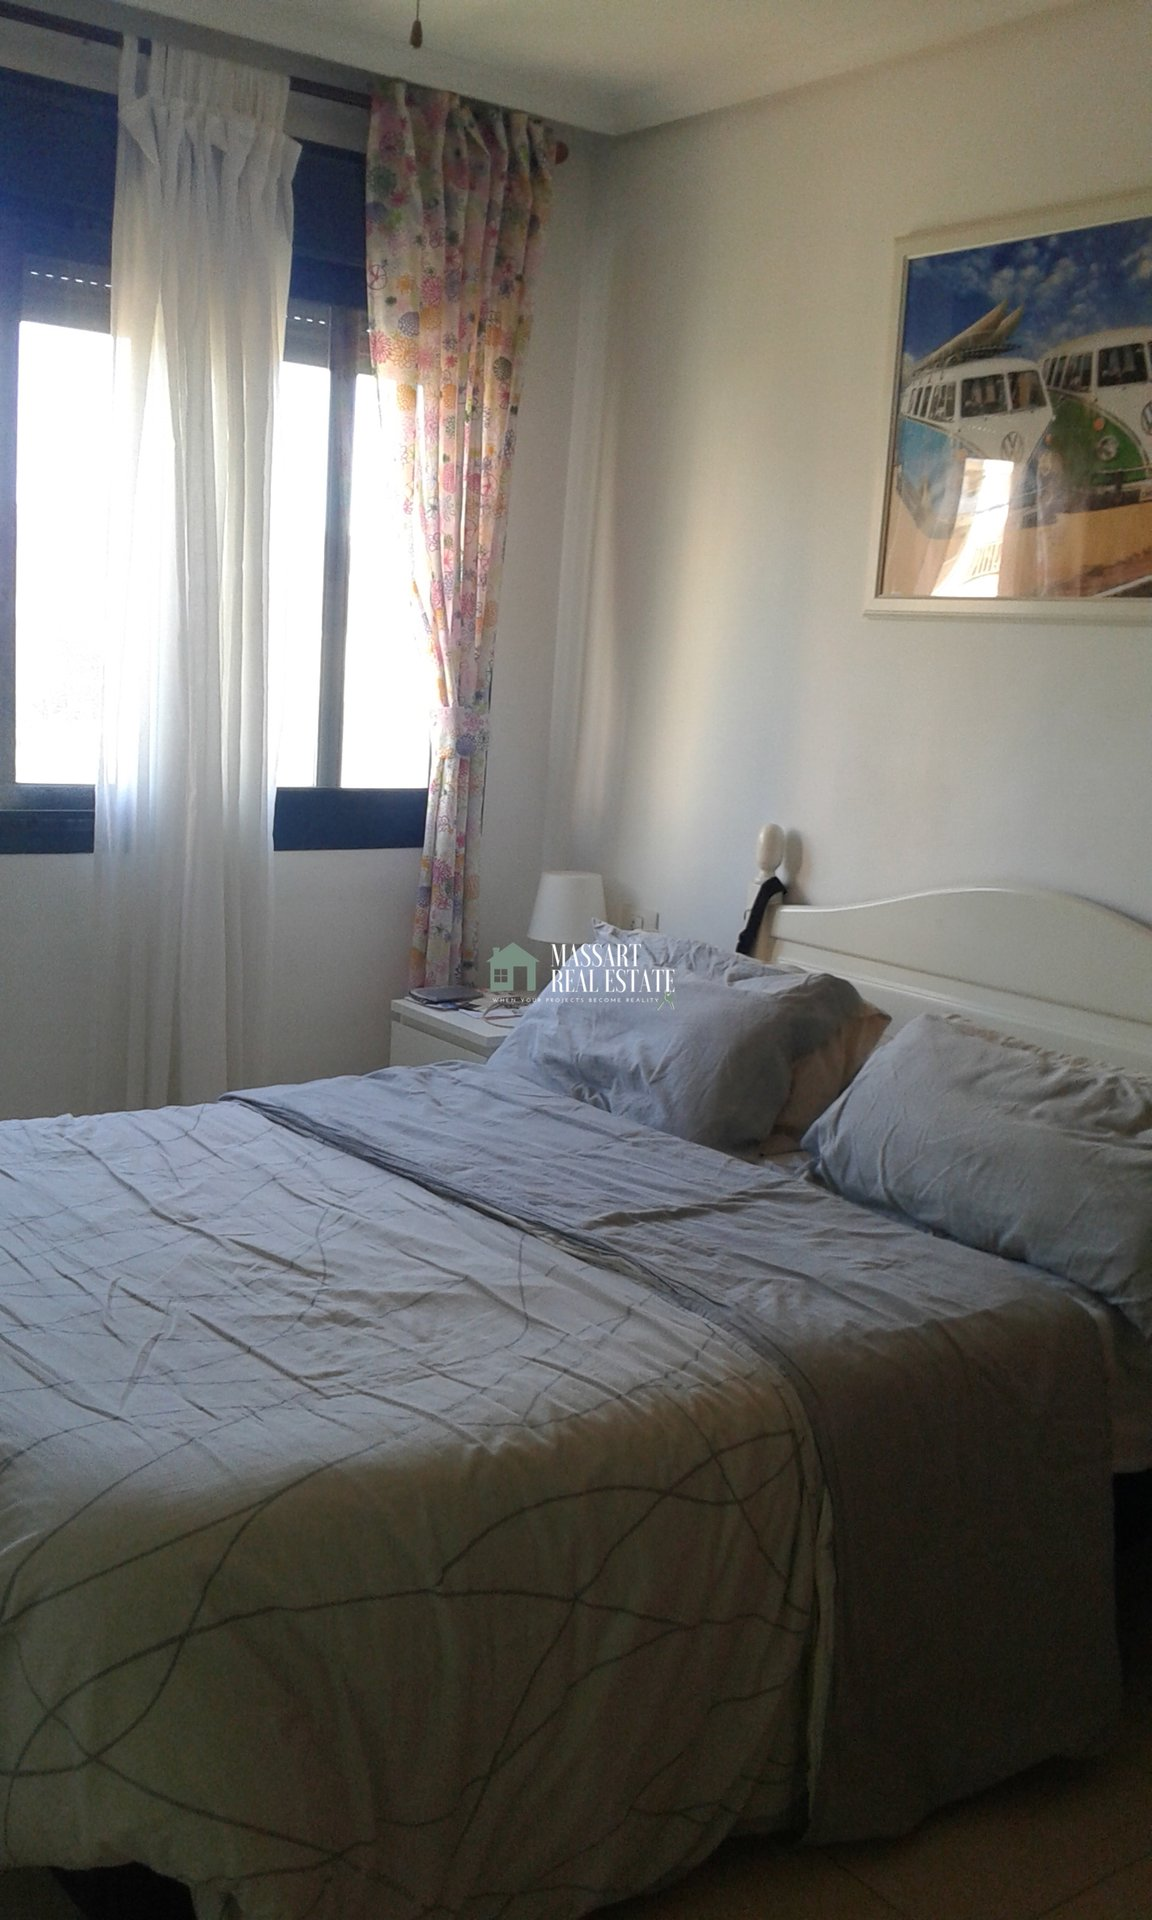 Apartamento amueblado de 53 m2 ubicado en Guargacho, en un complejo residencial de nueva construcción con piscina comunitaria.